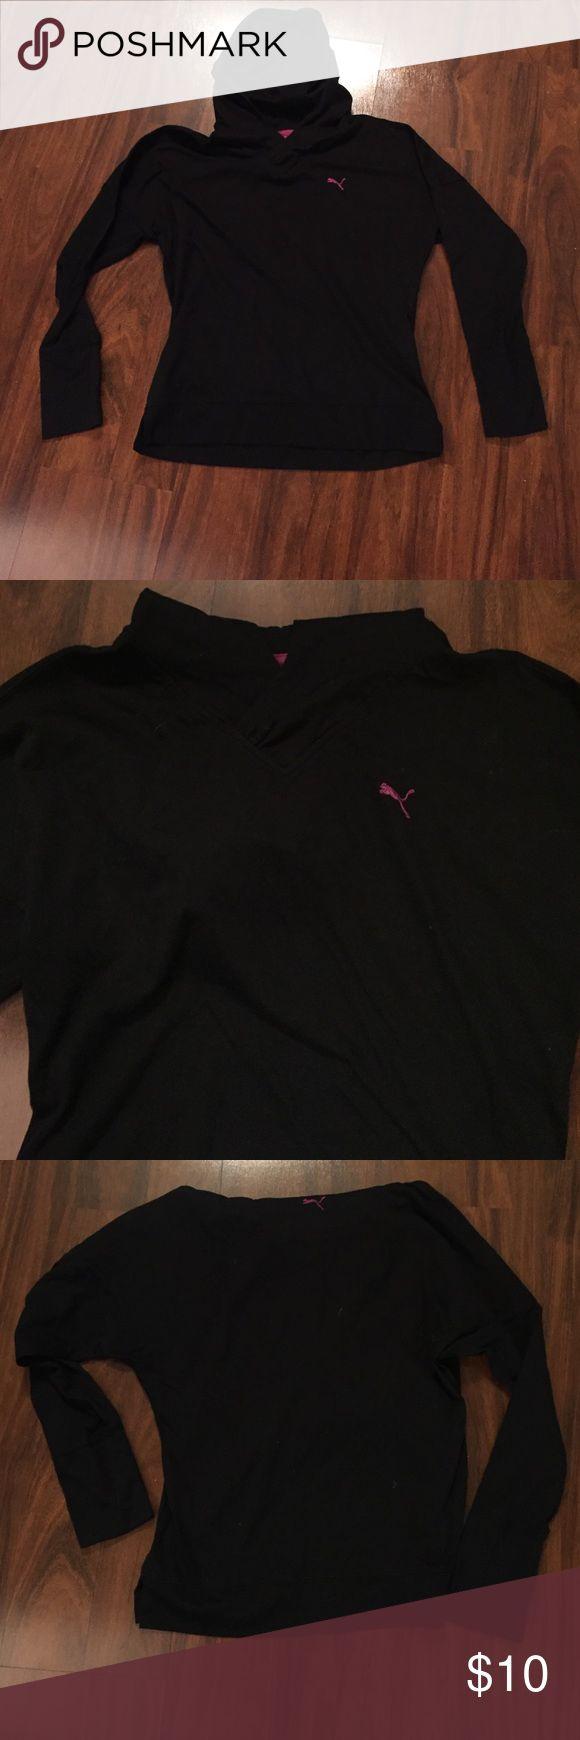 🎉weekend sale🎉Hooded Puma Shirt/light sweatshirt Hooded Puma Shirt or light sweatshirt.  Black in color. Puma Tops